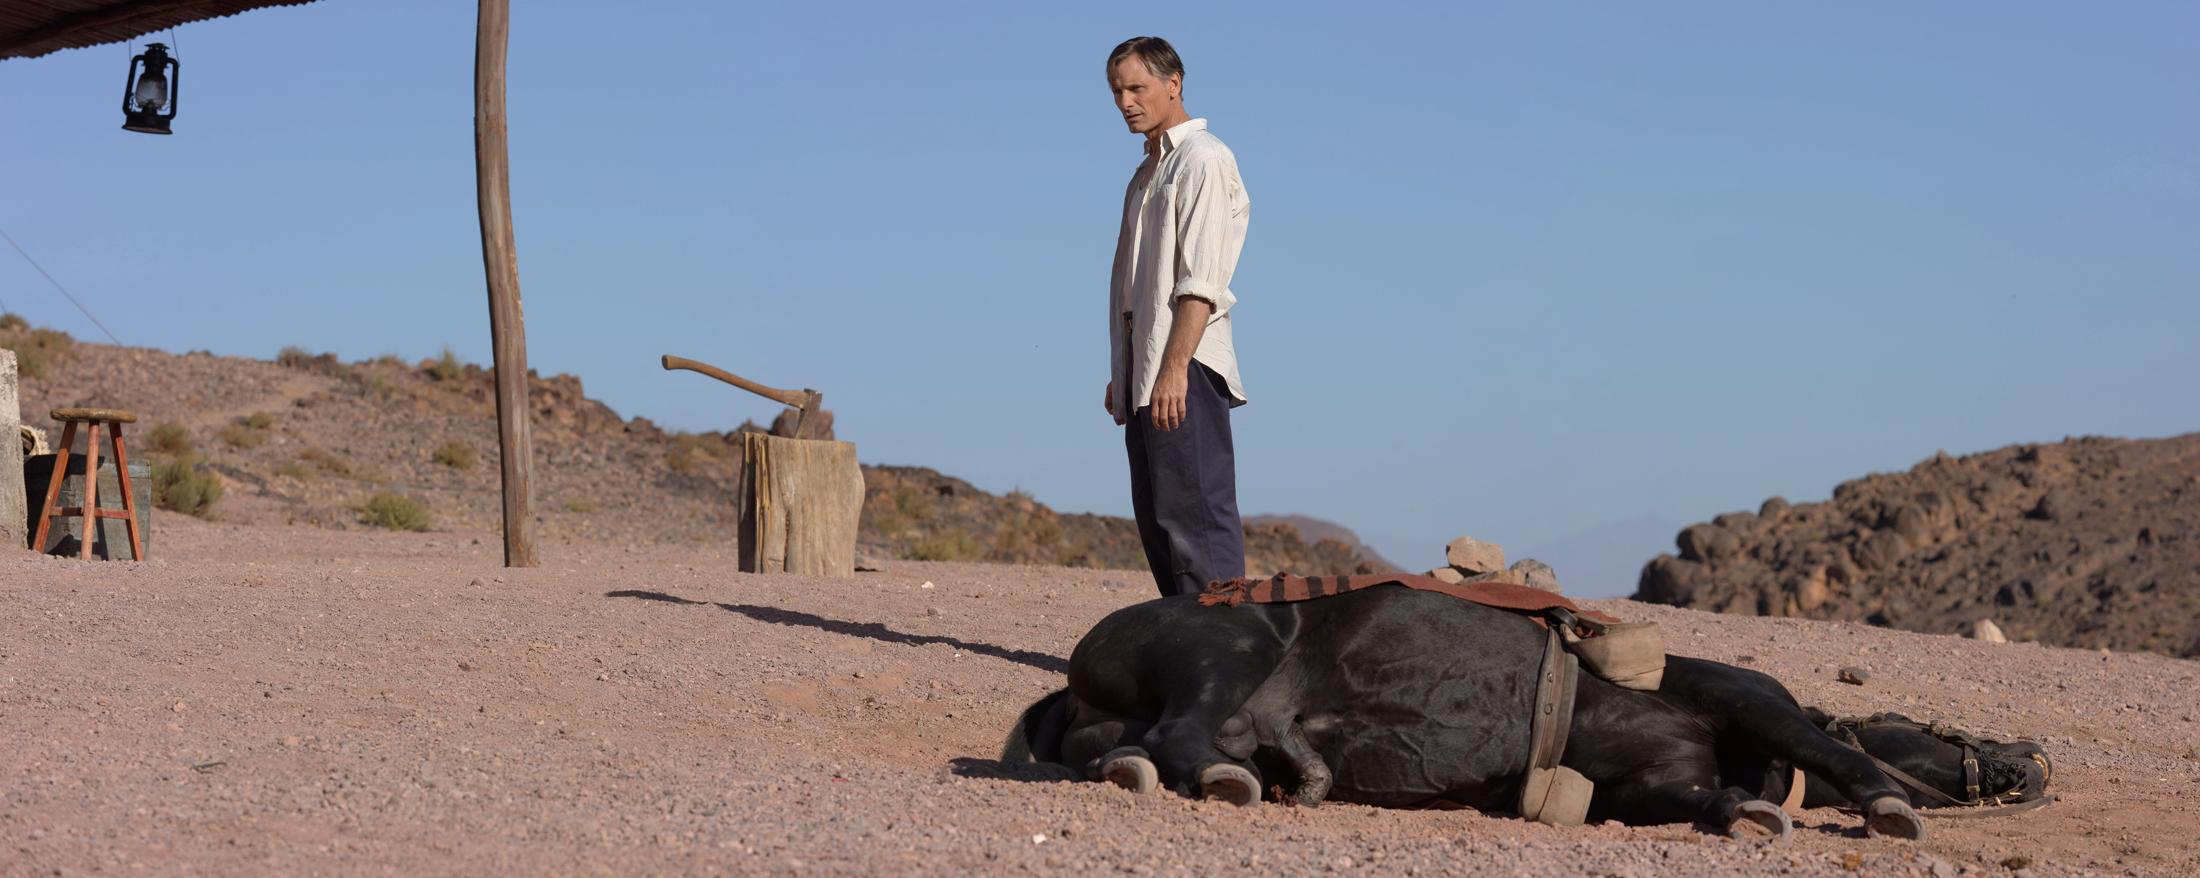 Fotograma de la película Lejos de los hombres